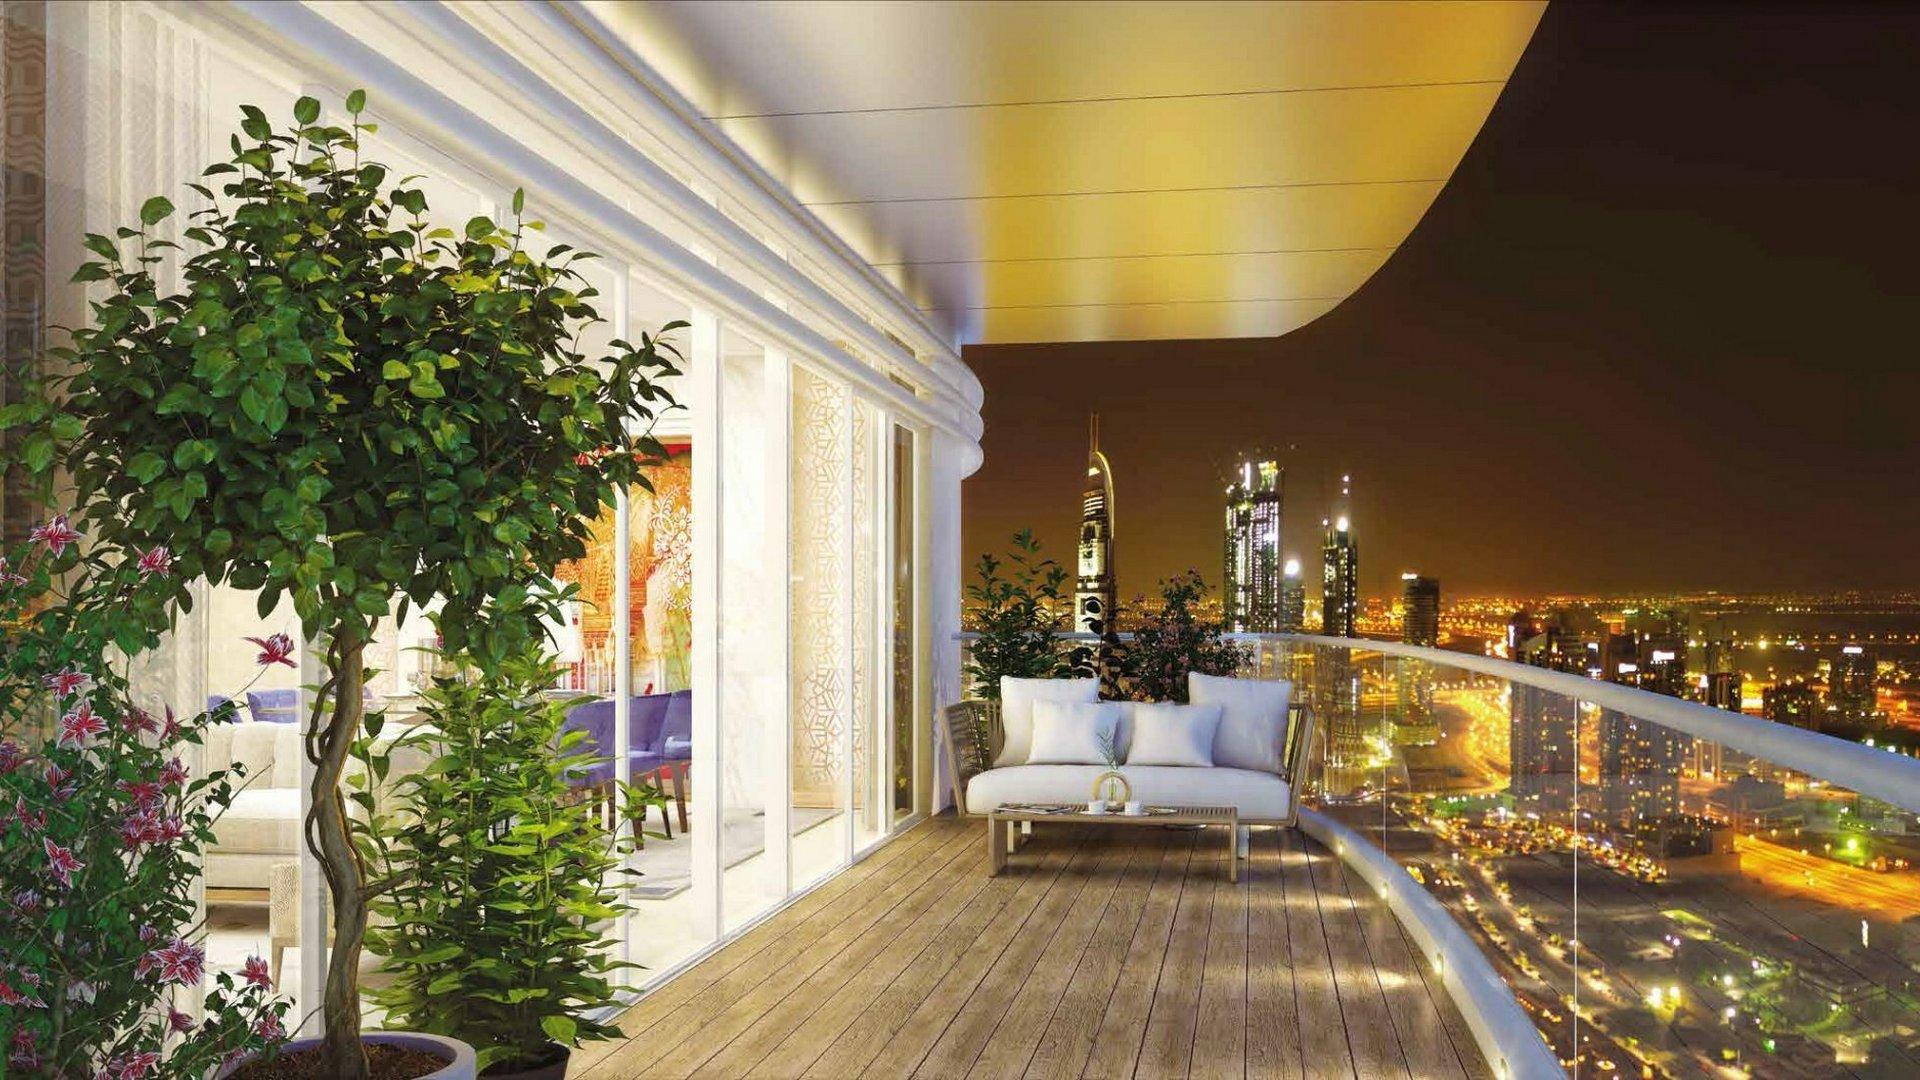 Ático en venta en Dubai, EAU, 4 dormitorios, 510 m2, № 24037 – foto 2